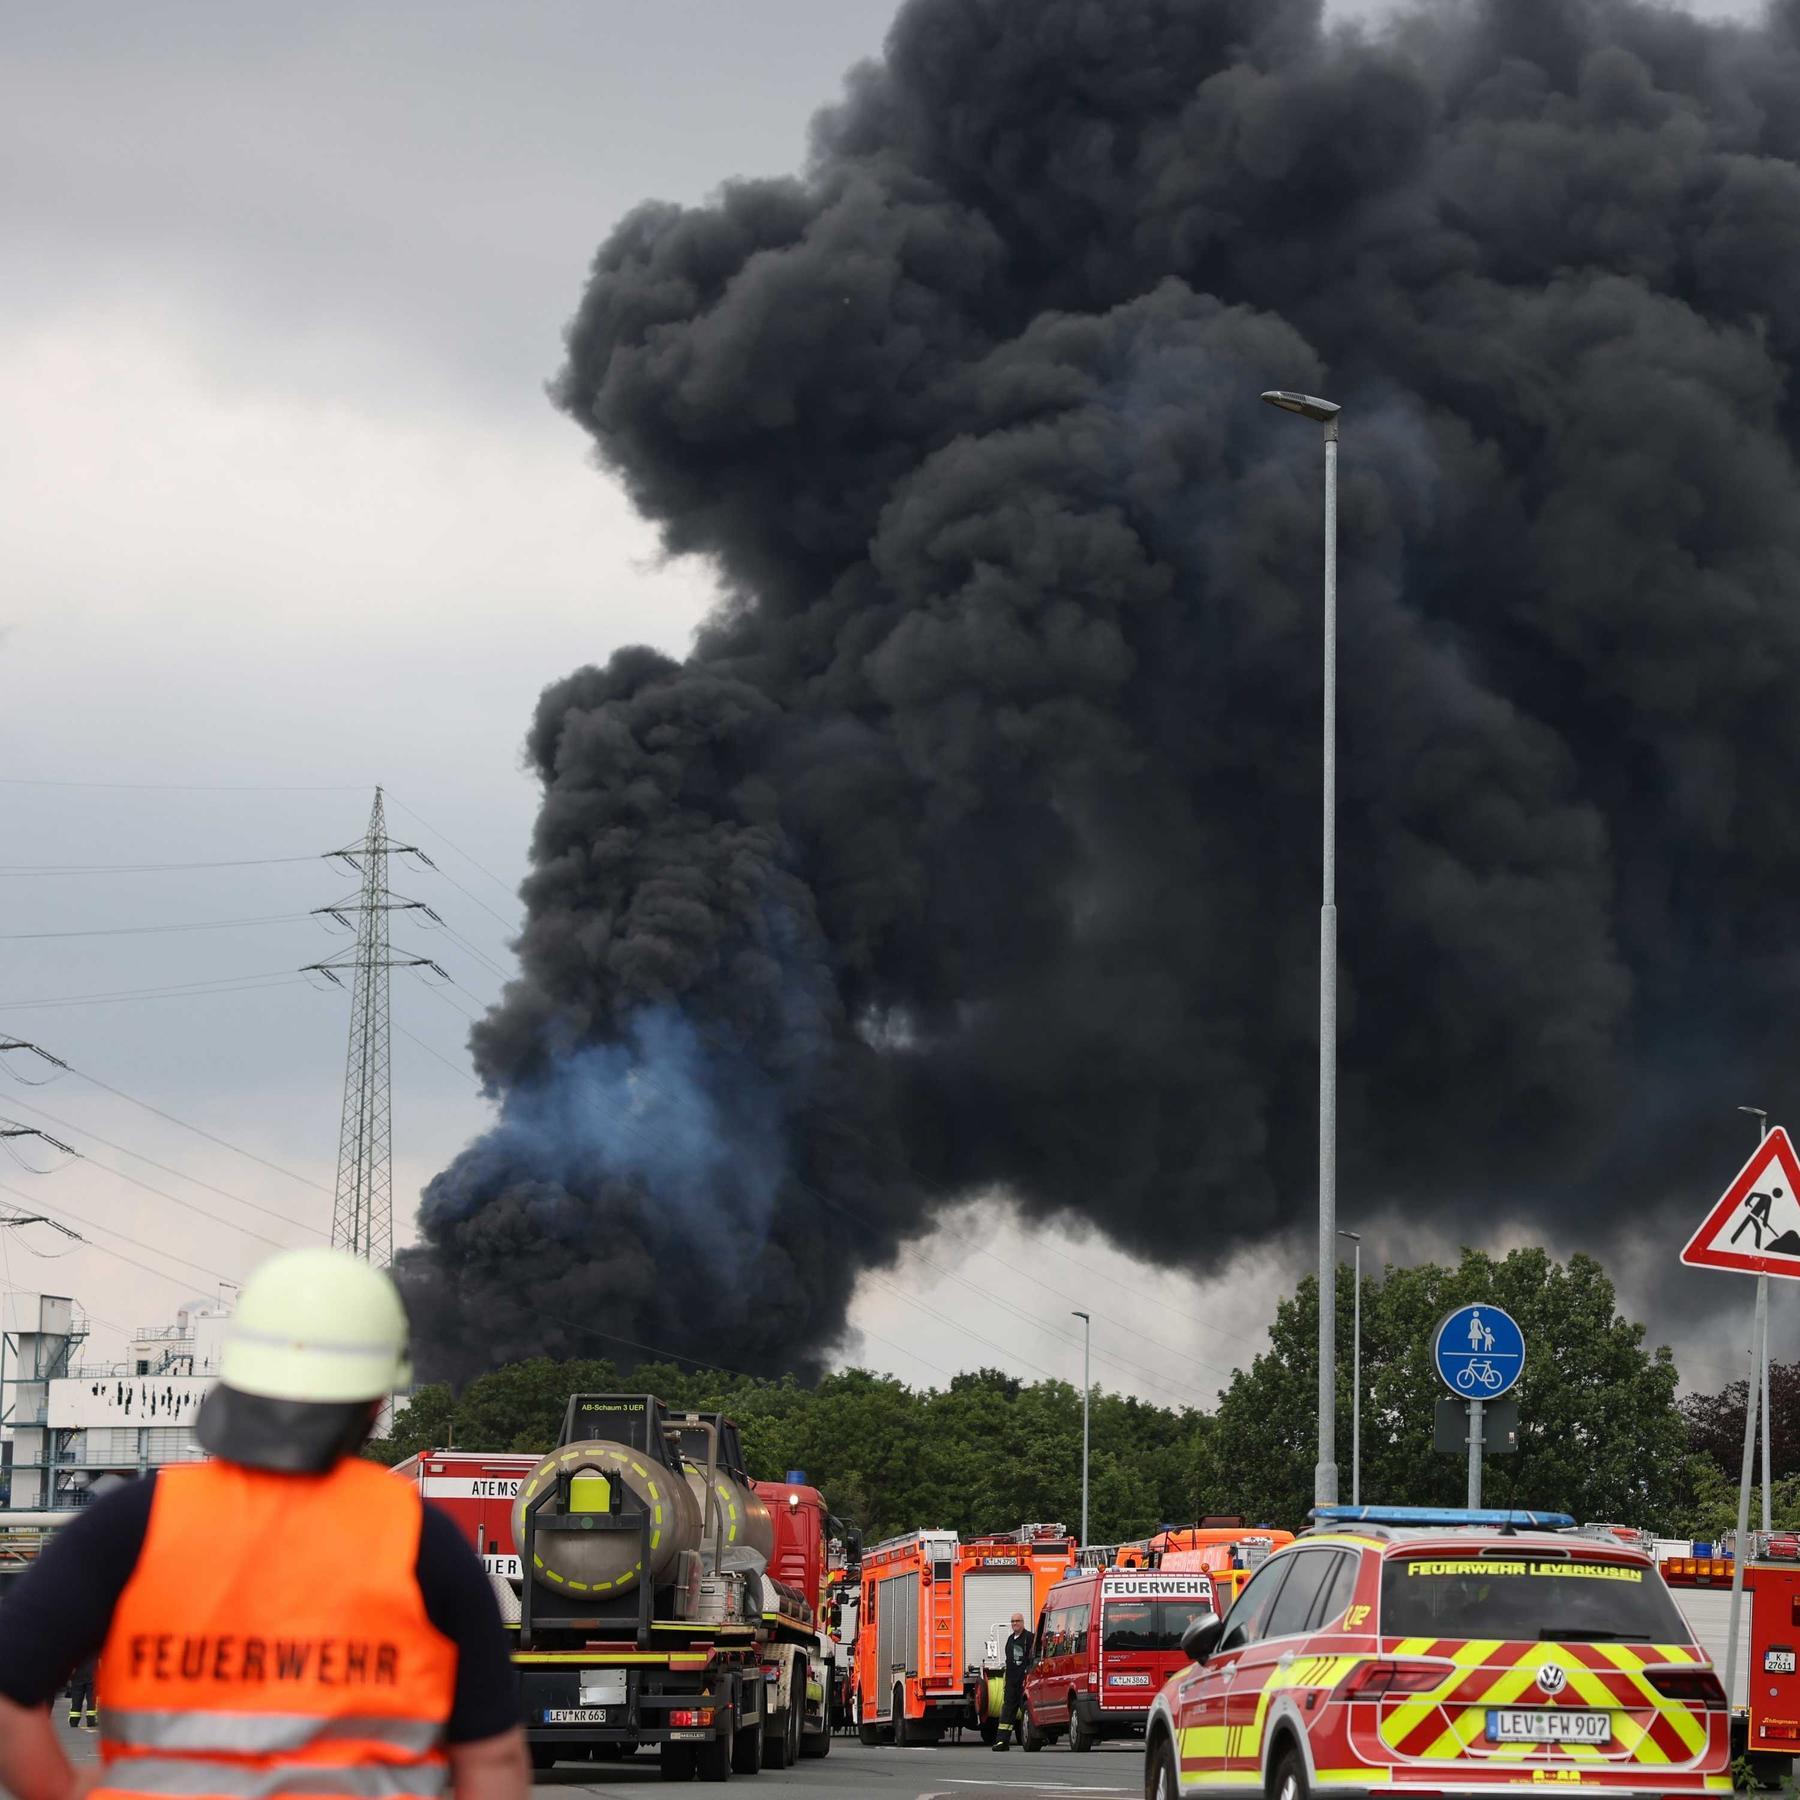 Chemie-Unfall in Leverkusen - Wie sicher sind unsere Industrieanlagen?